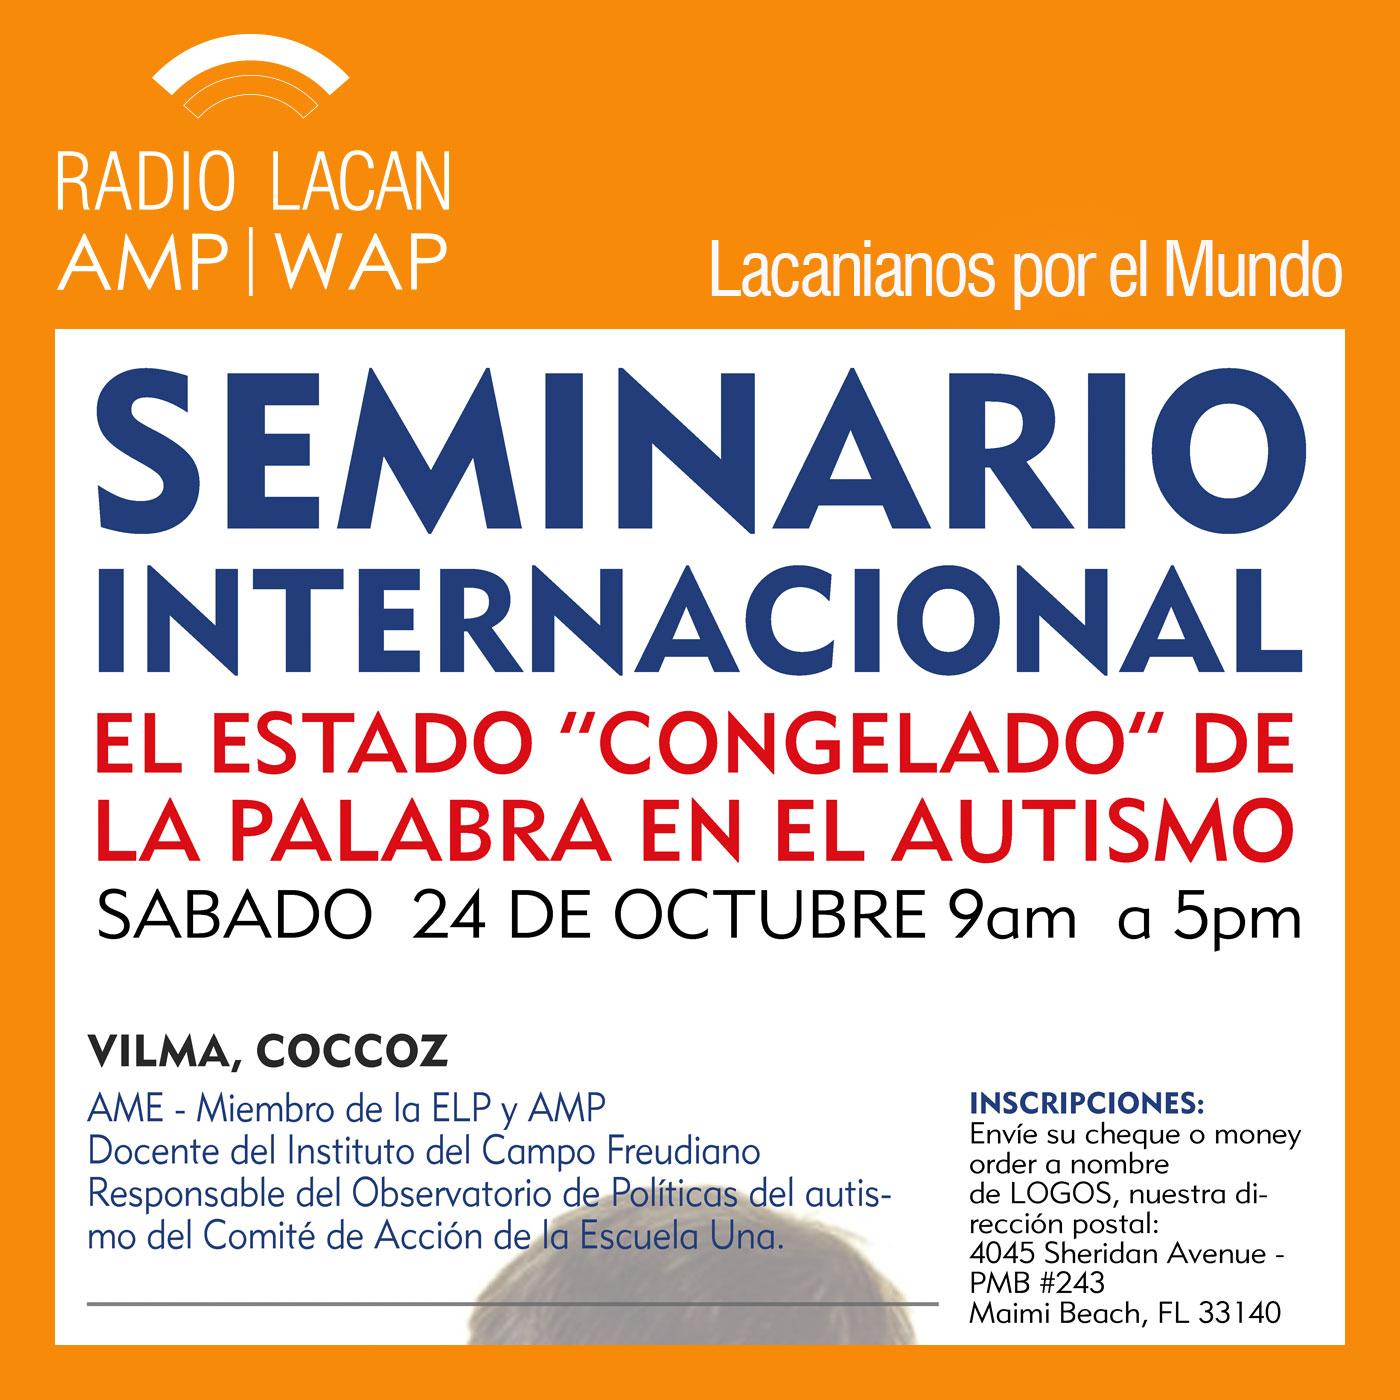 RadioLacan.com | <![CDATA[Fragmentos del Seminario internacional de la NEL en Miami: El estado congelado de la palabra en el autismo]]>